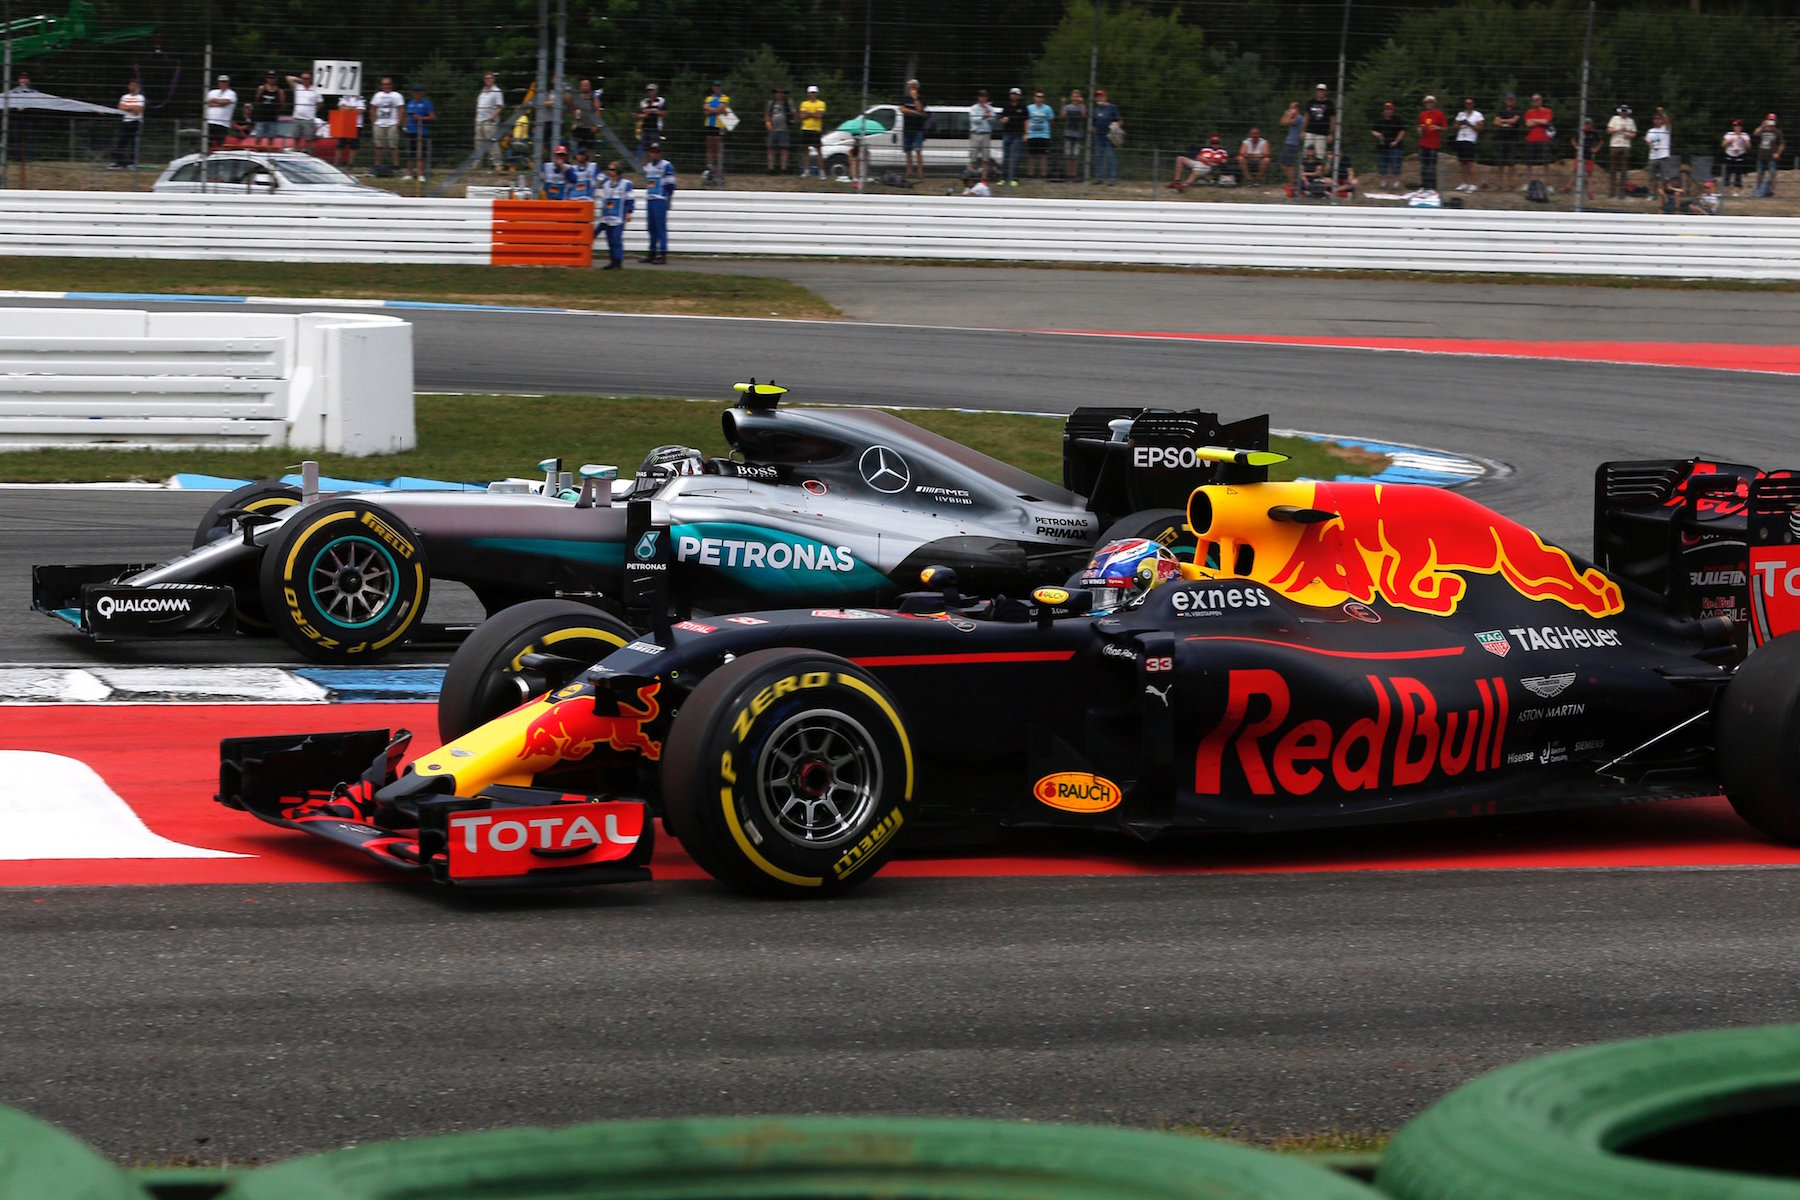 Salracing - Nico Rosberg overtaking Max Verstappen